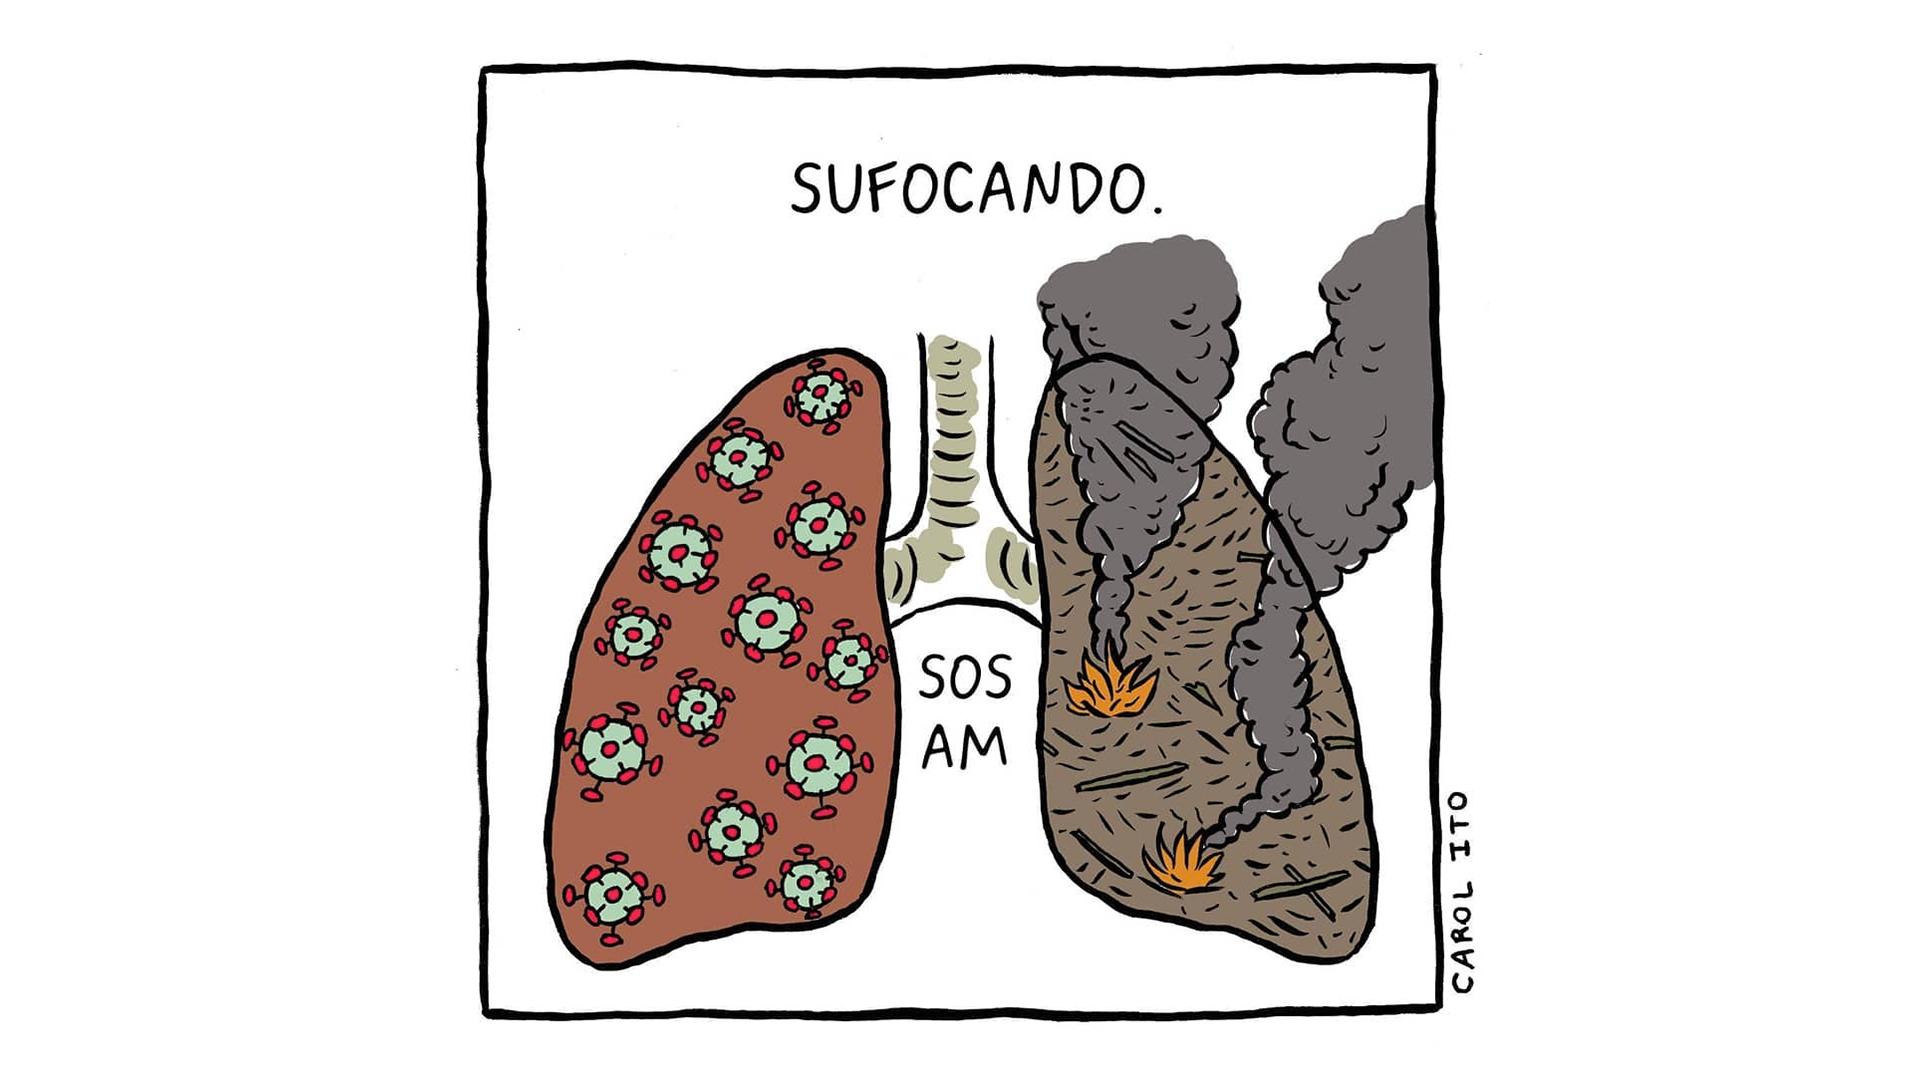 Pulmão 3 | Sufocando